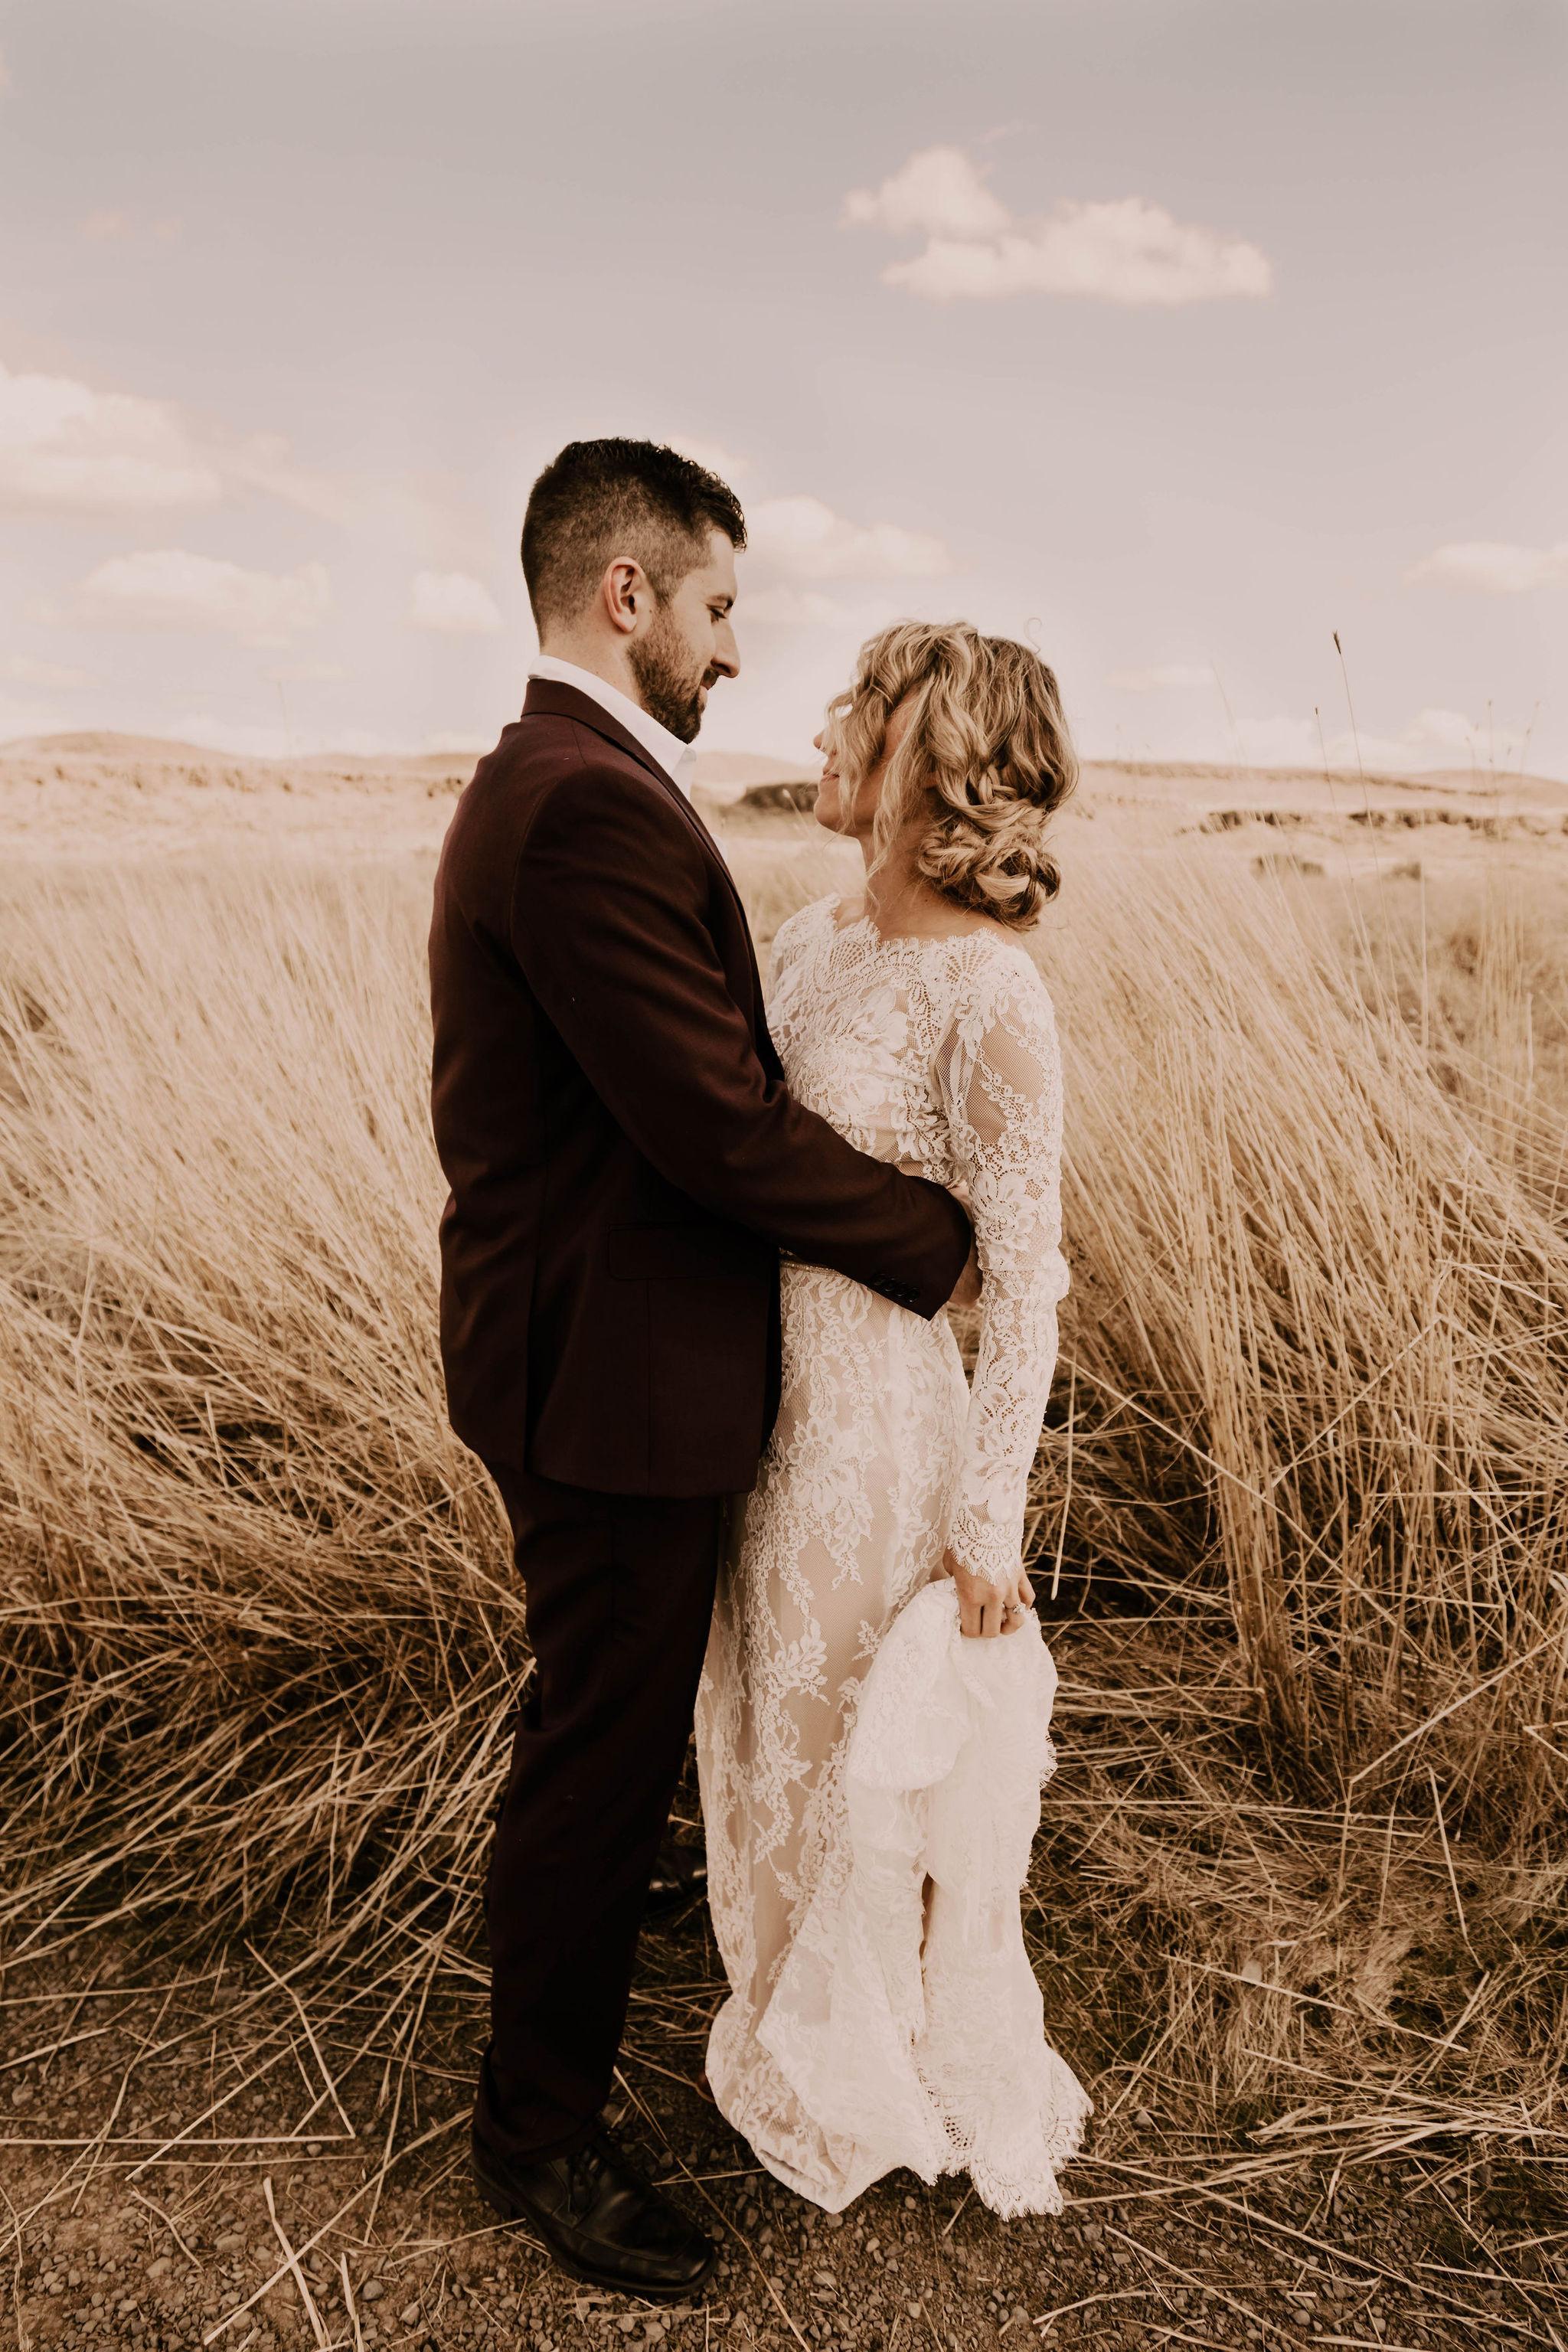 tall grass spokane elopement desert wedding